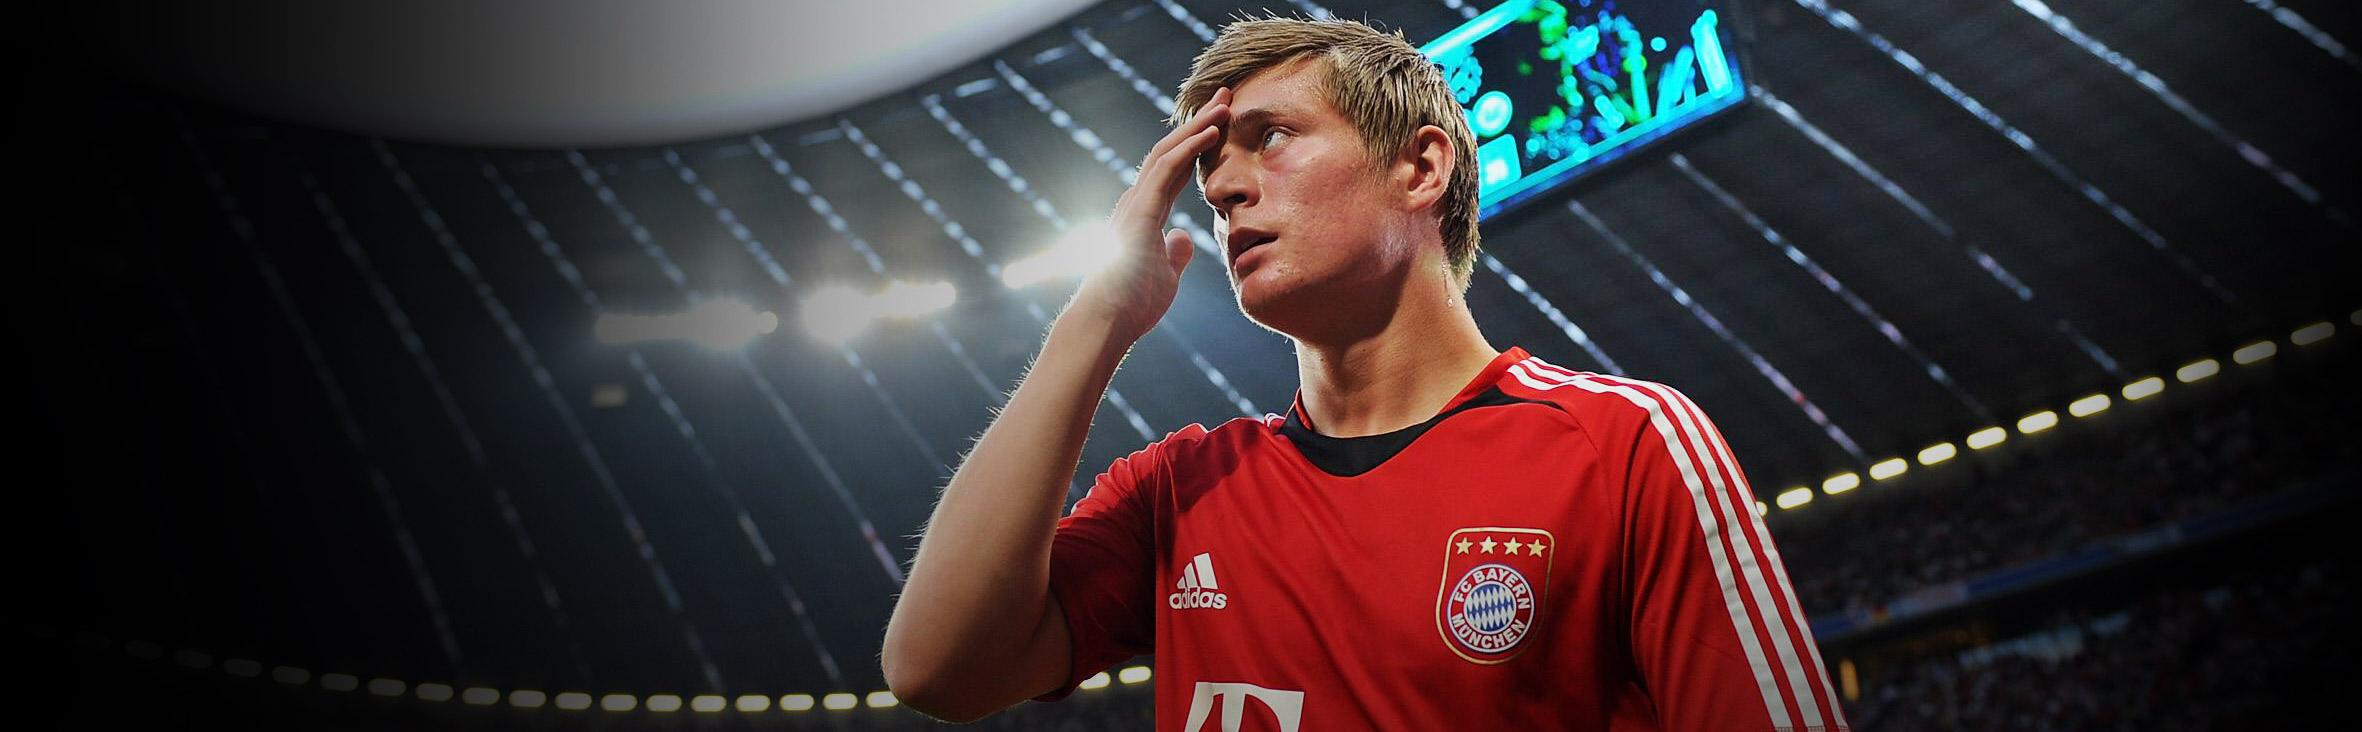 Kroos wird von Mitspielern und Fans geschätzt.